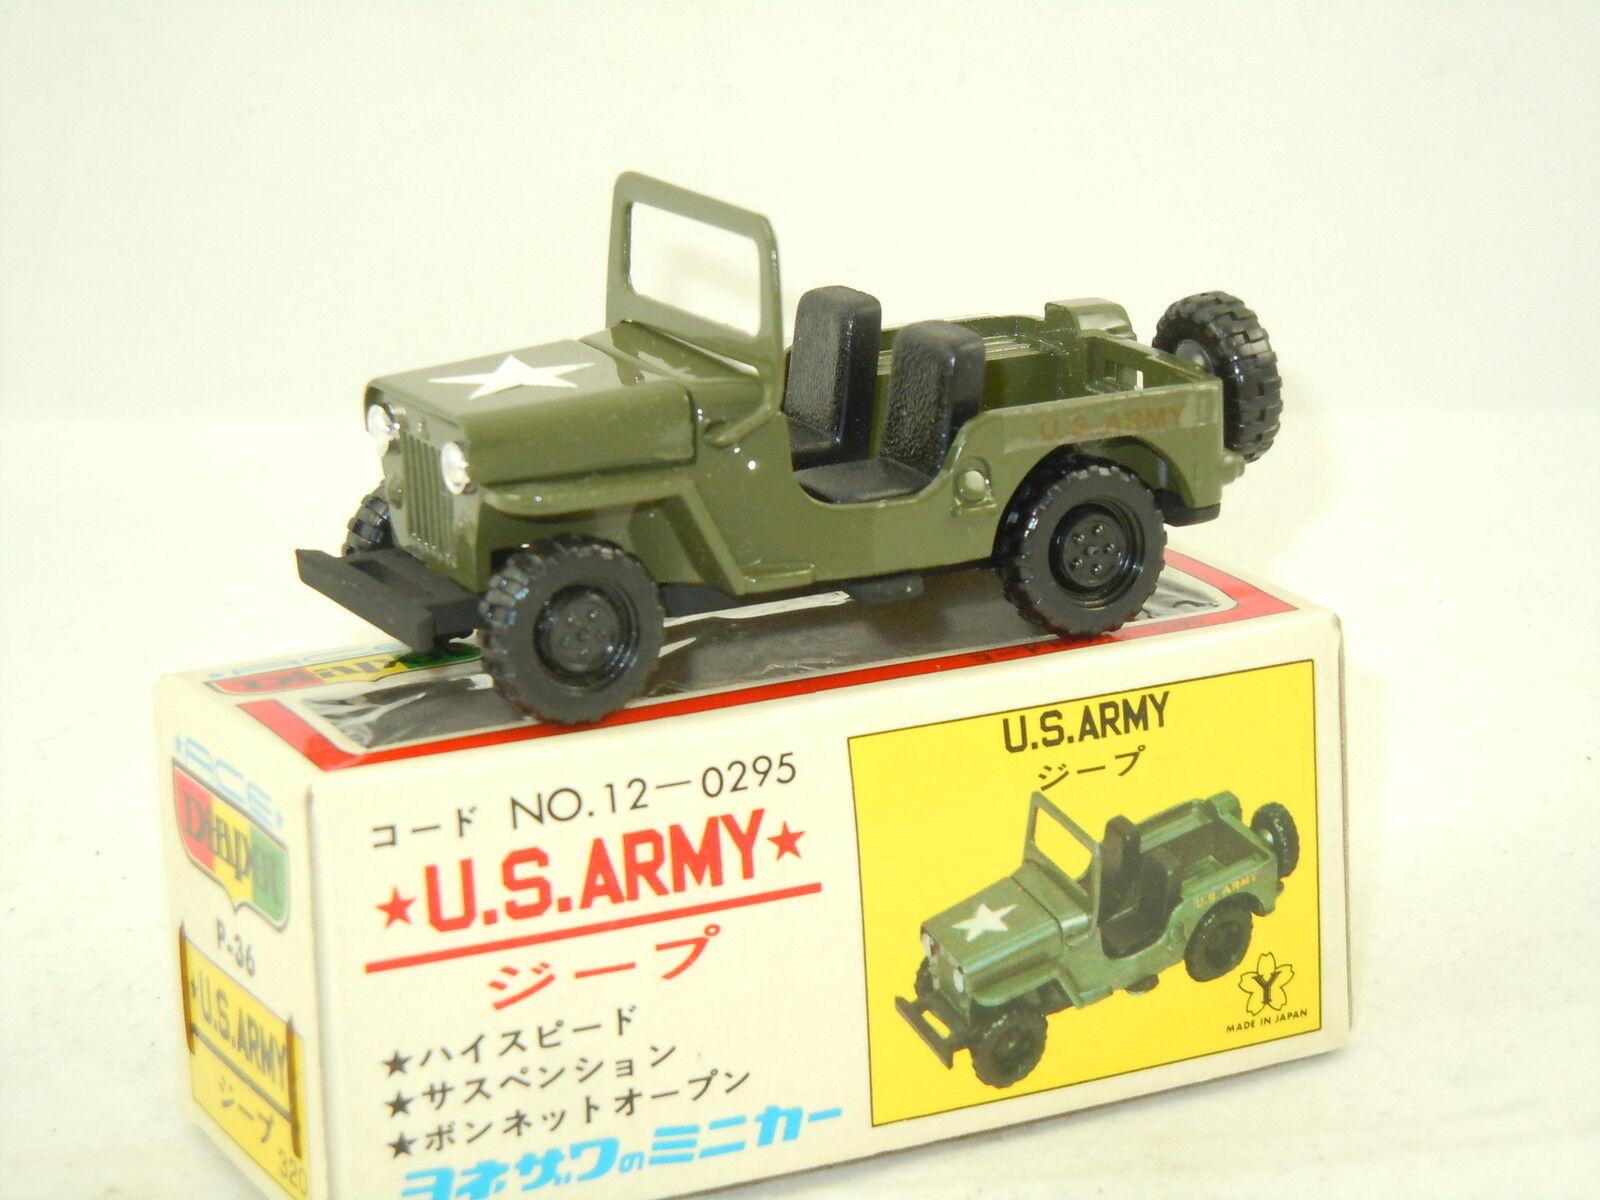 Mitsubishi Jeep U.S. Army van Diapet Yonezawa Toys P-36 Japan 2798